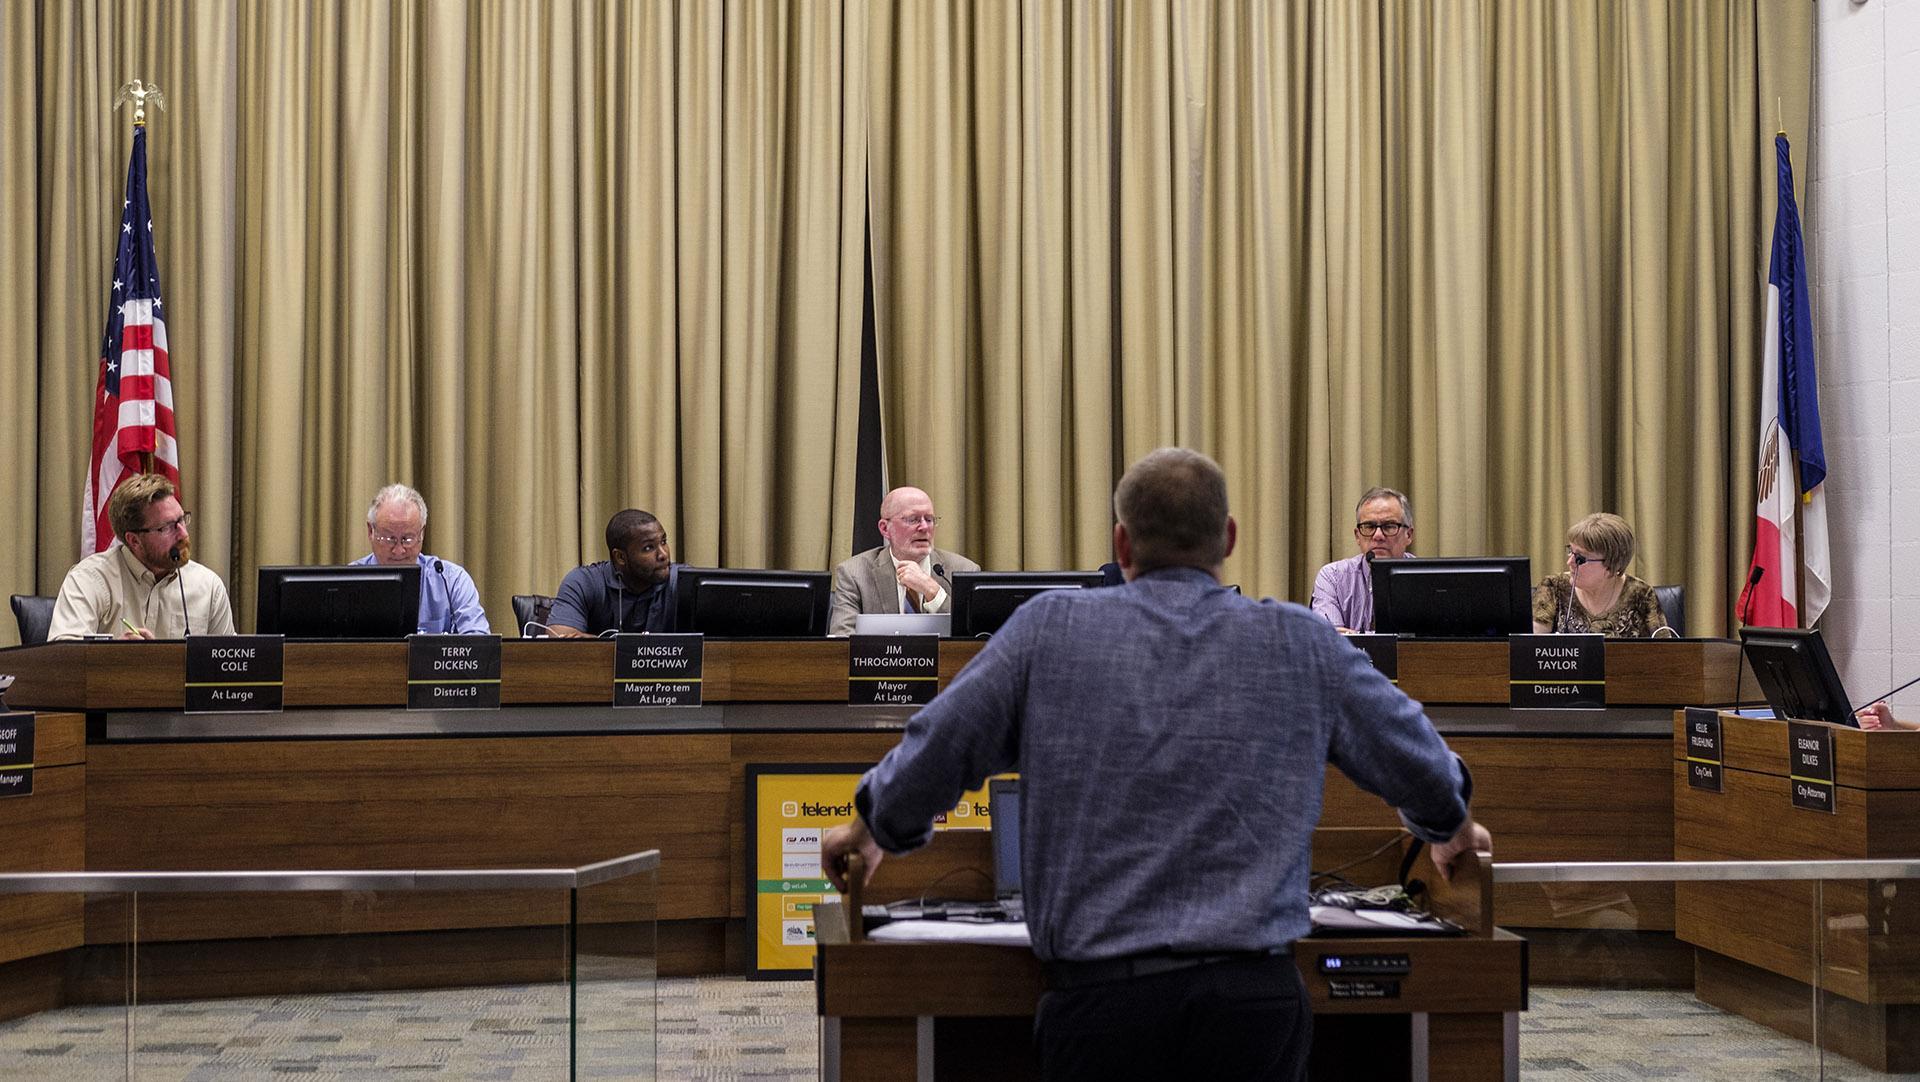 City Council mulls historic building designations